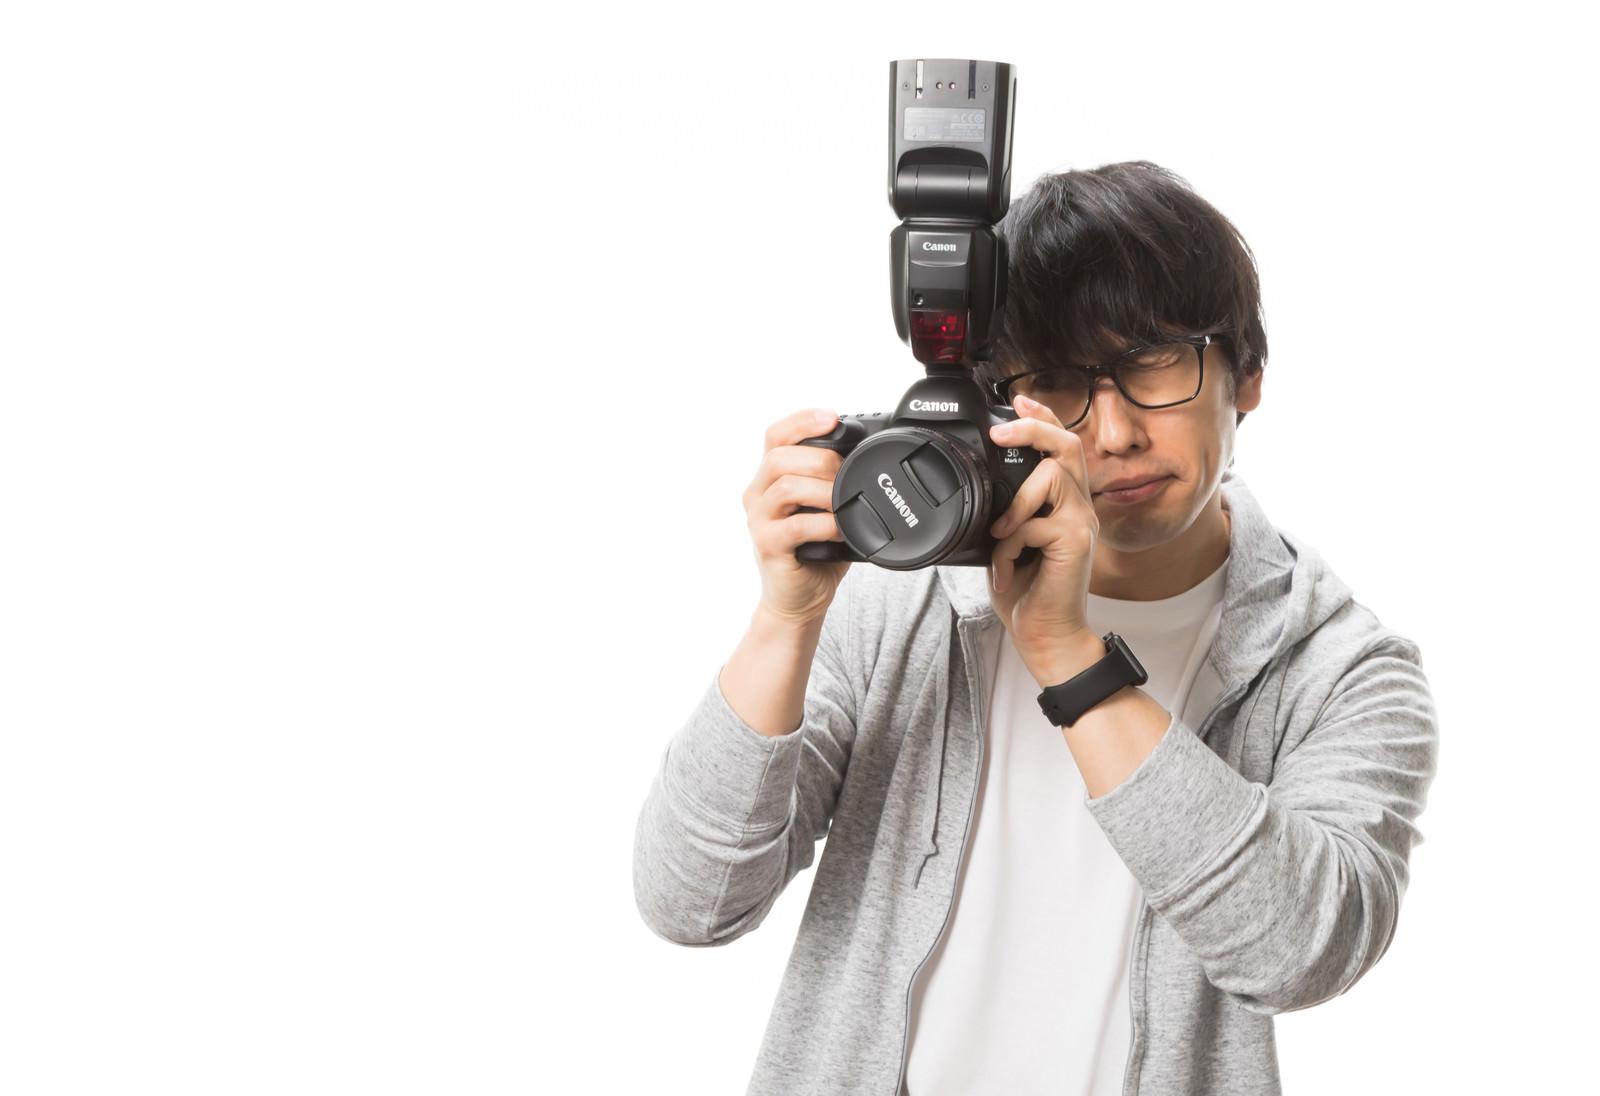 「レンズキャップの外し忘れに気づかない初心者フォトグラファー」の写真[モデル:大川竜弥]